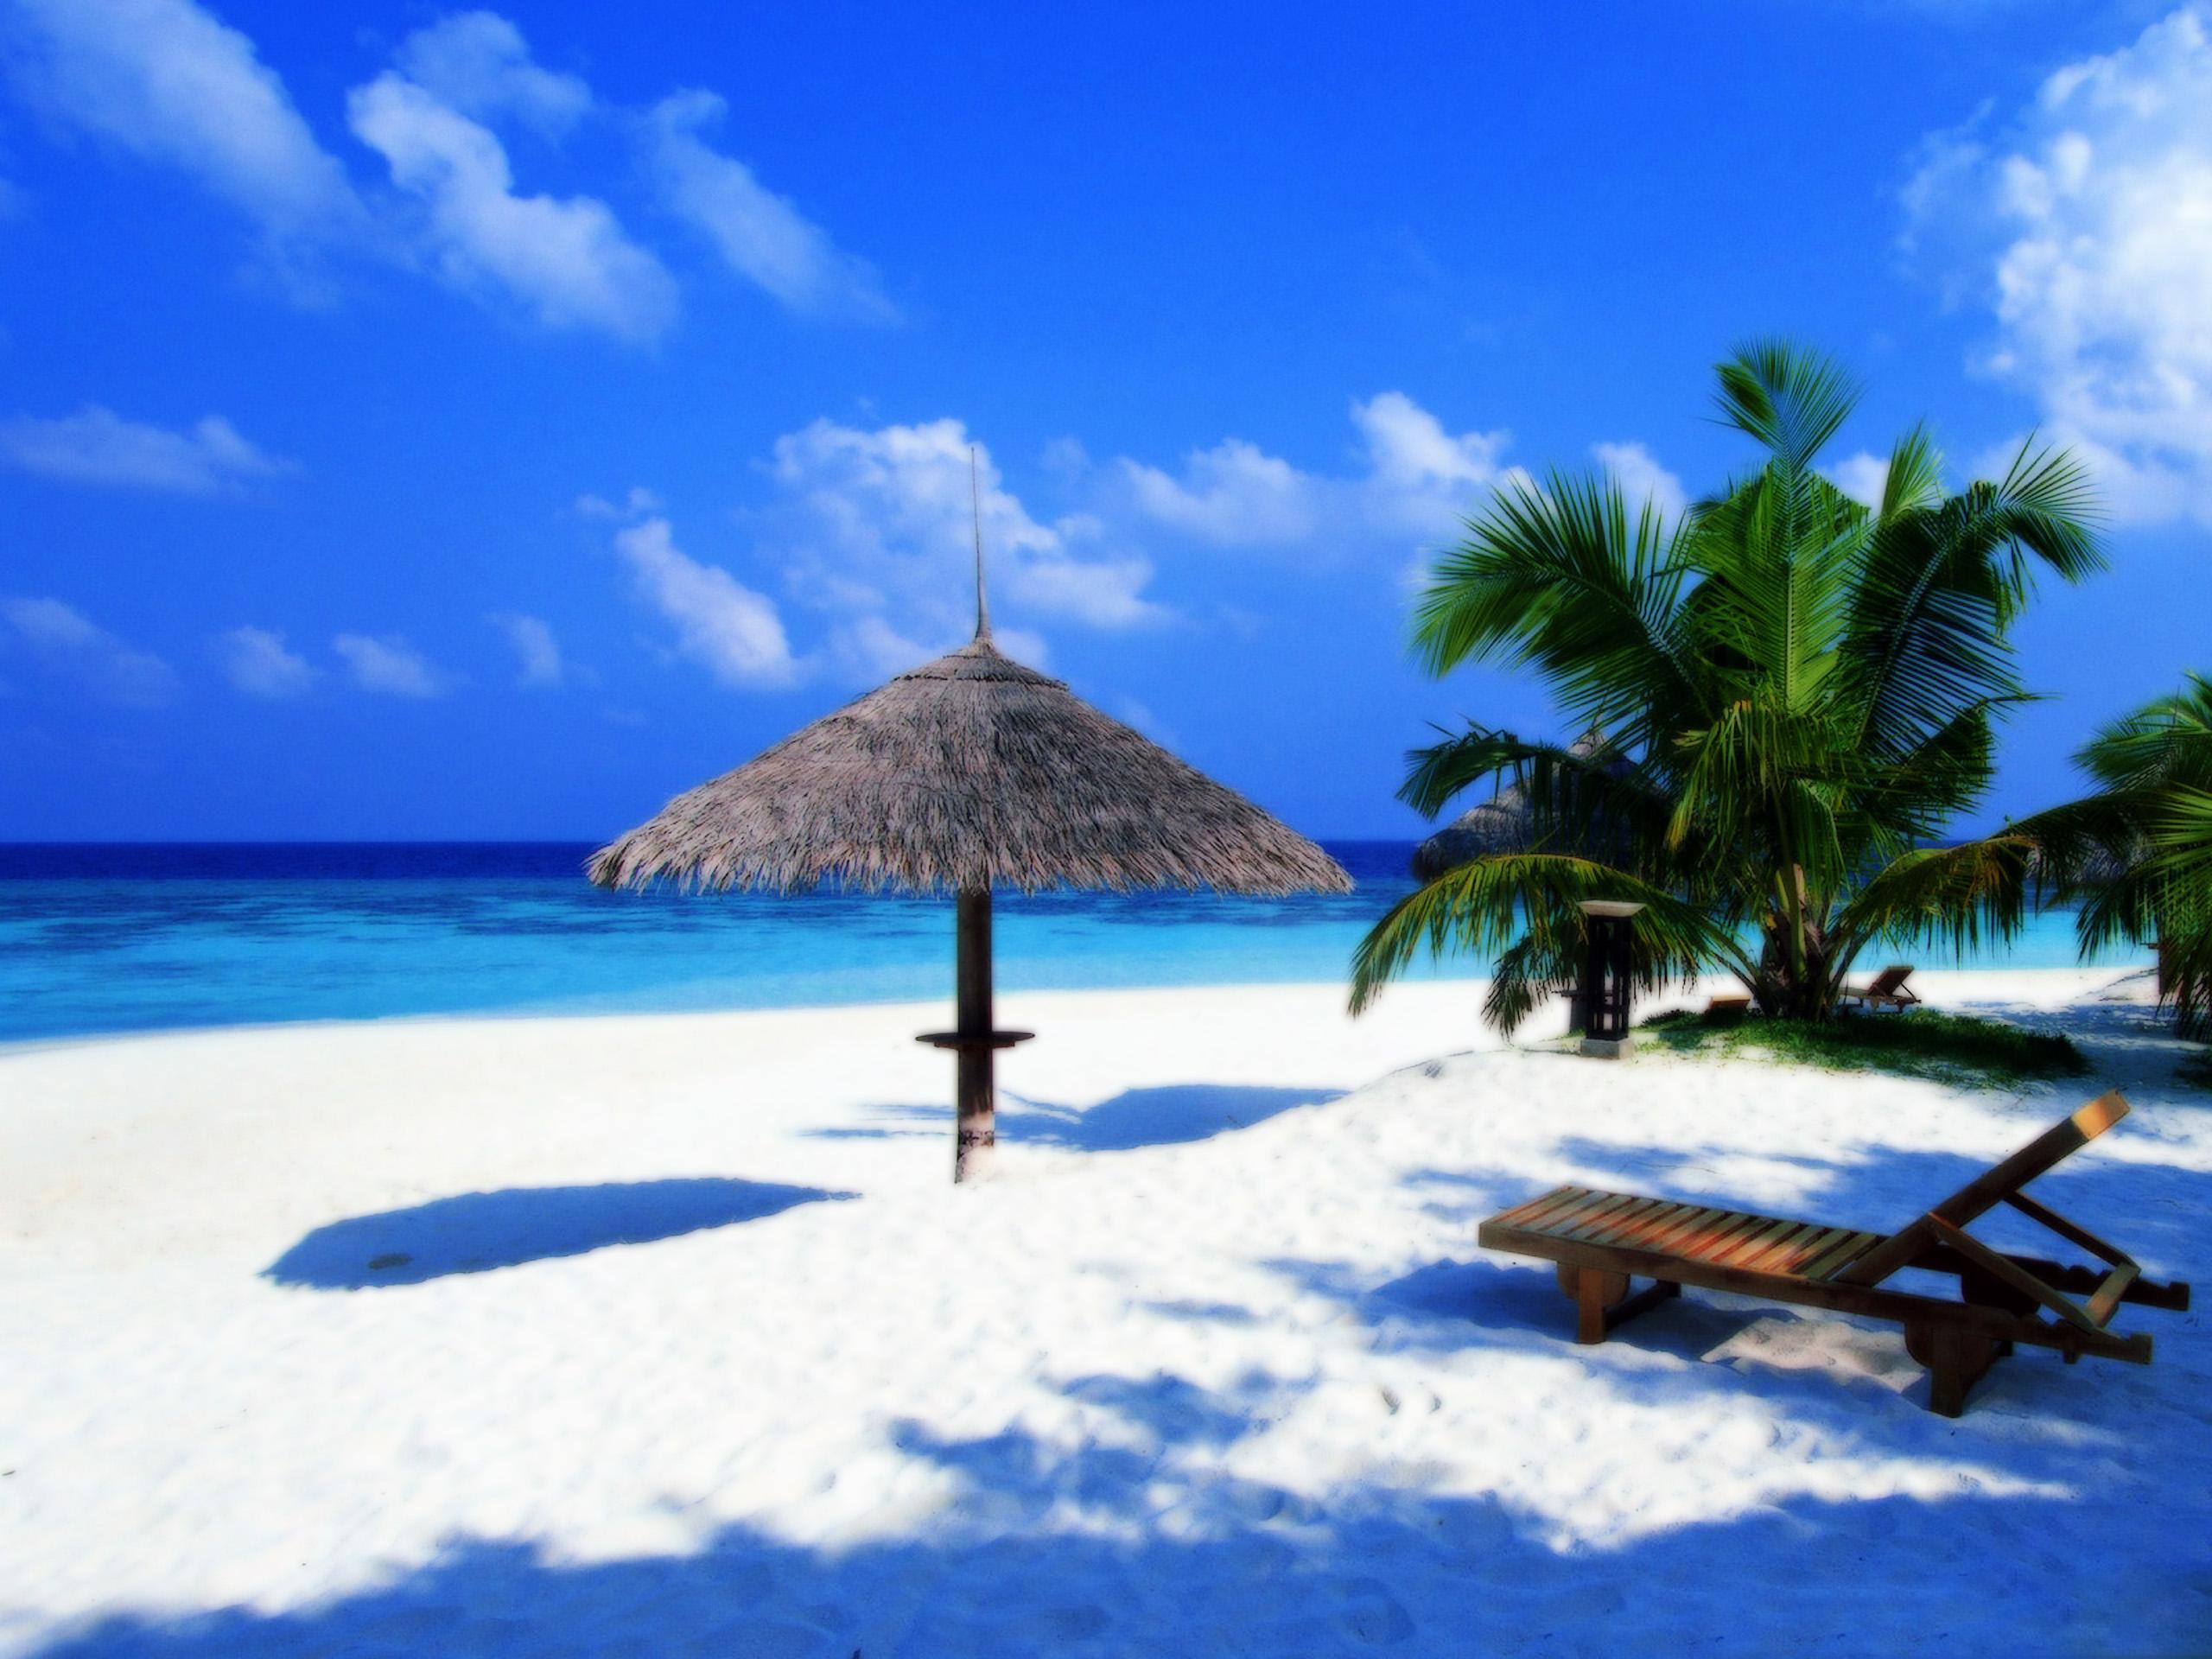 морской курорт  № 2832811 бесплатно